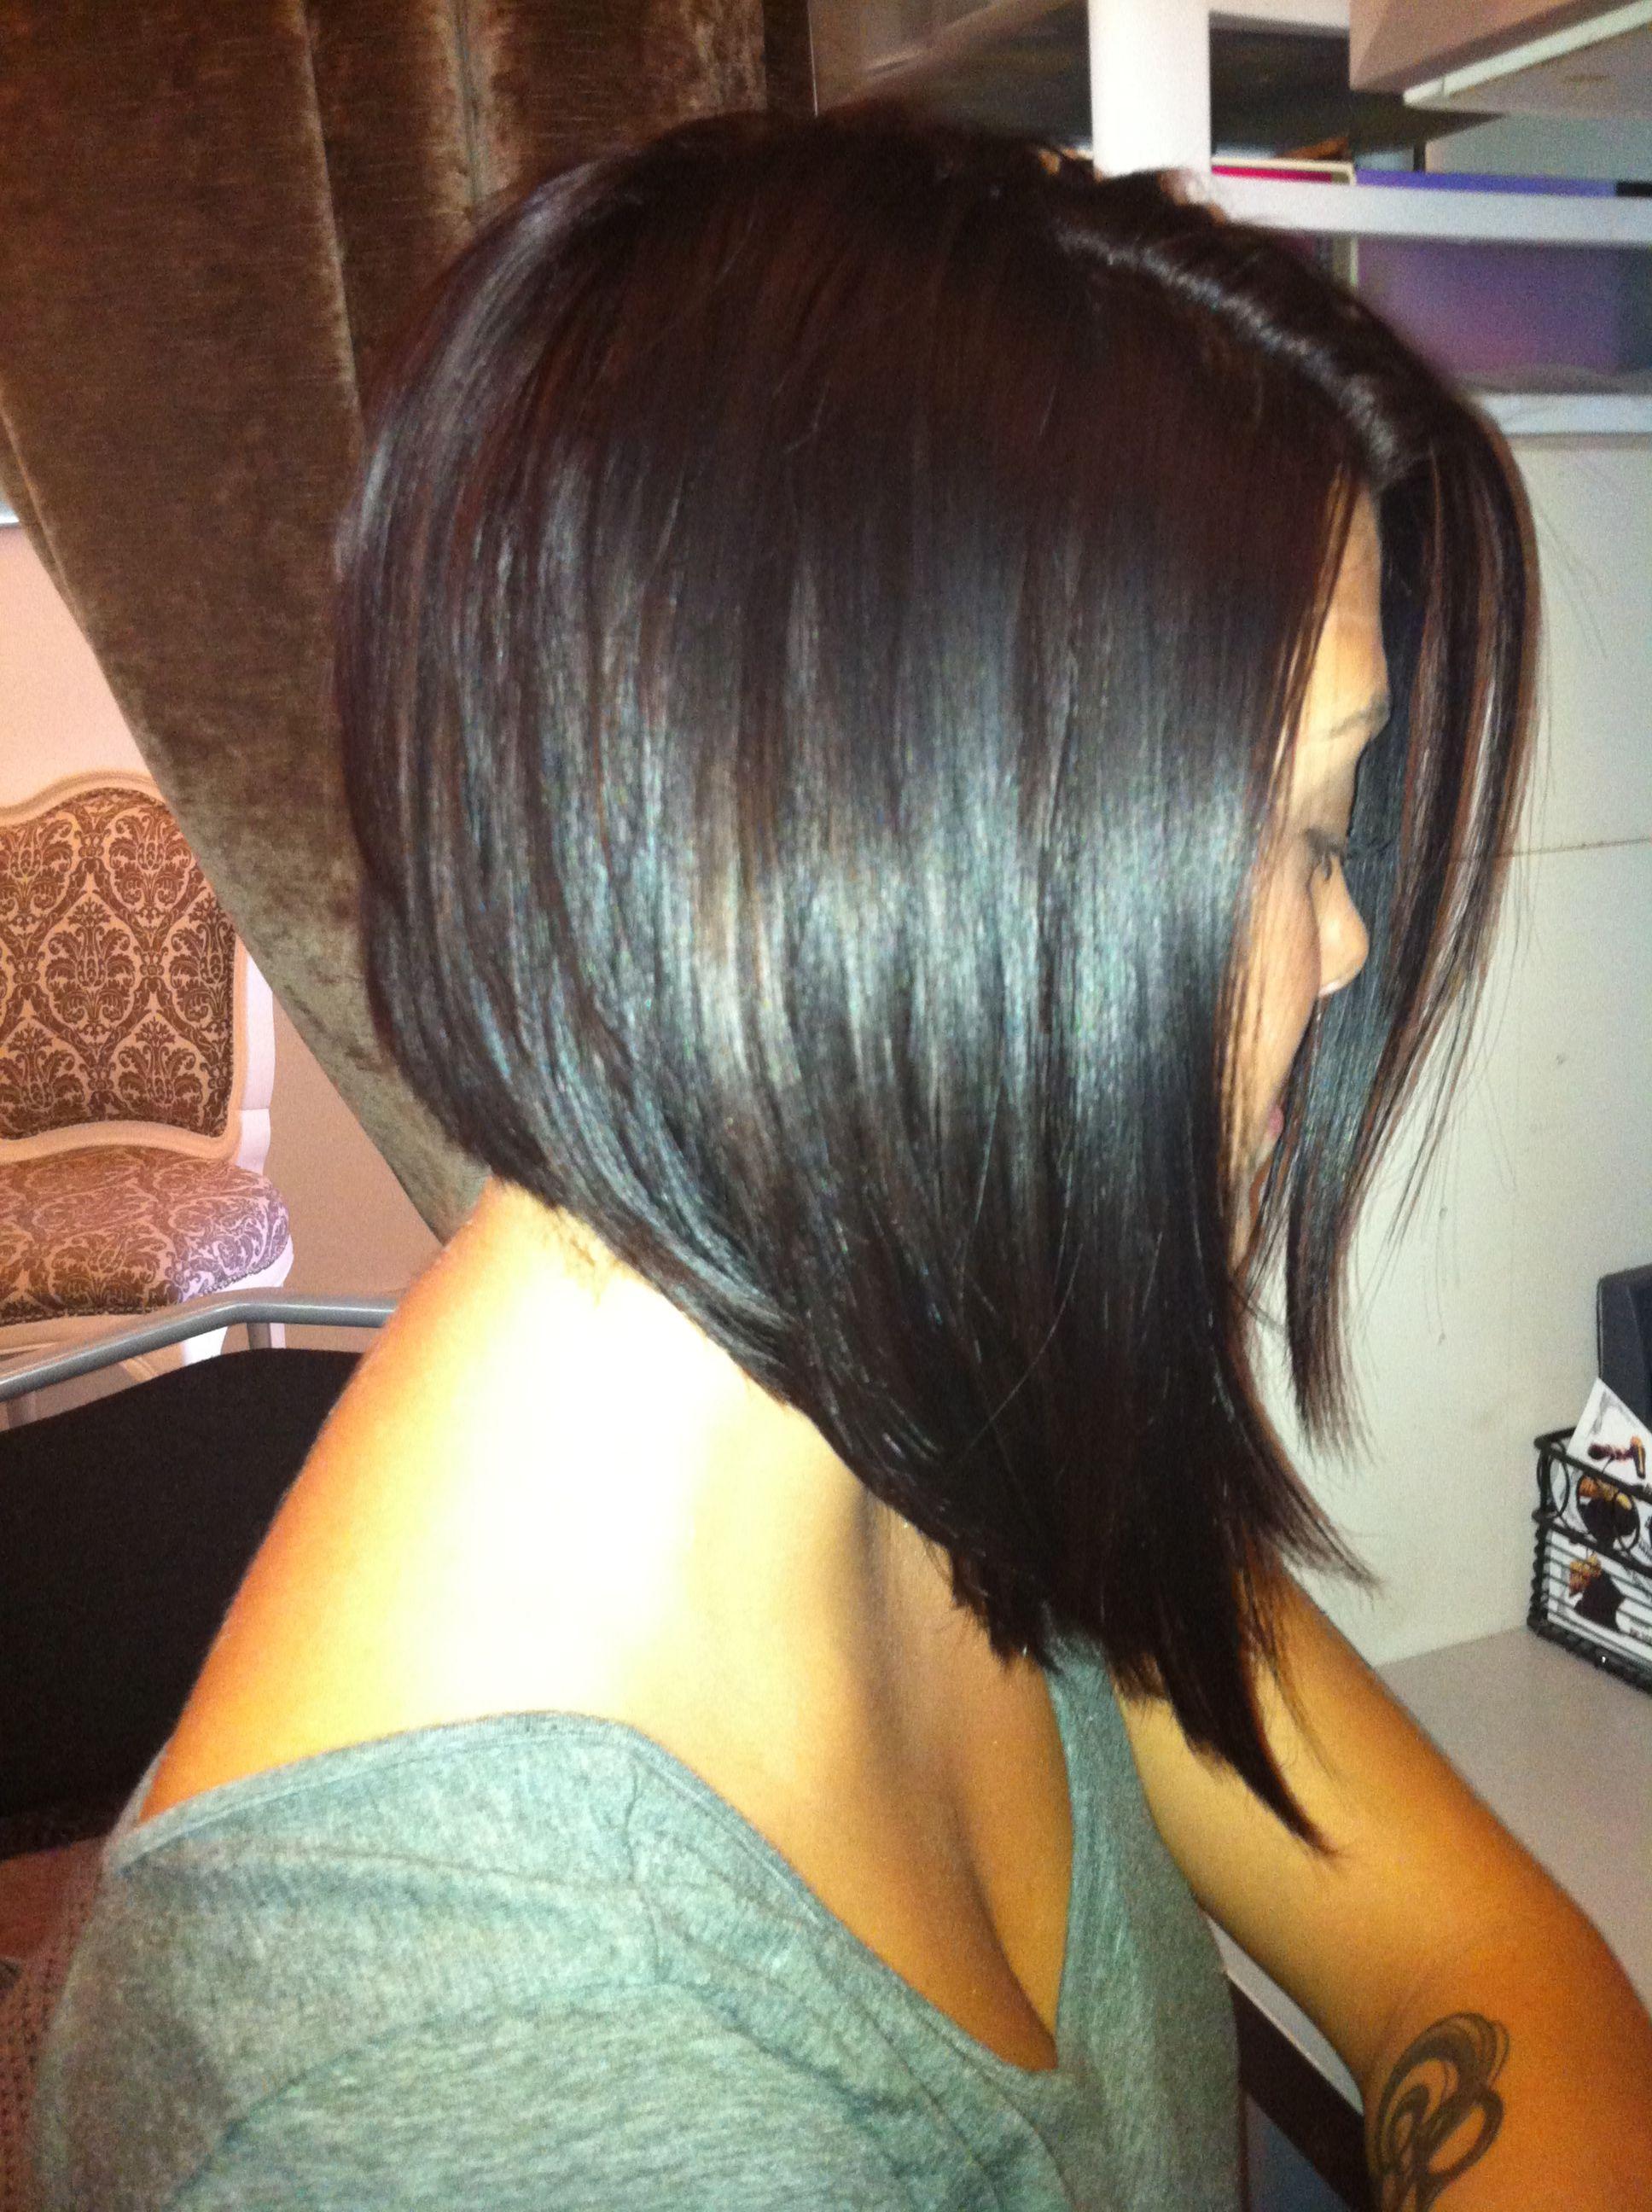 Hair Braiding Sylverdale Braids For Black Hair Cool Braid Hairstyles Braided Hairstyles For Black Women